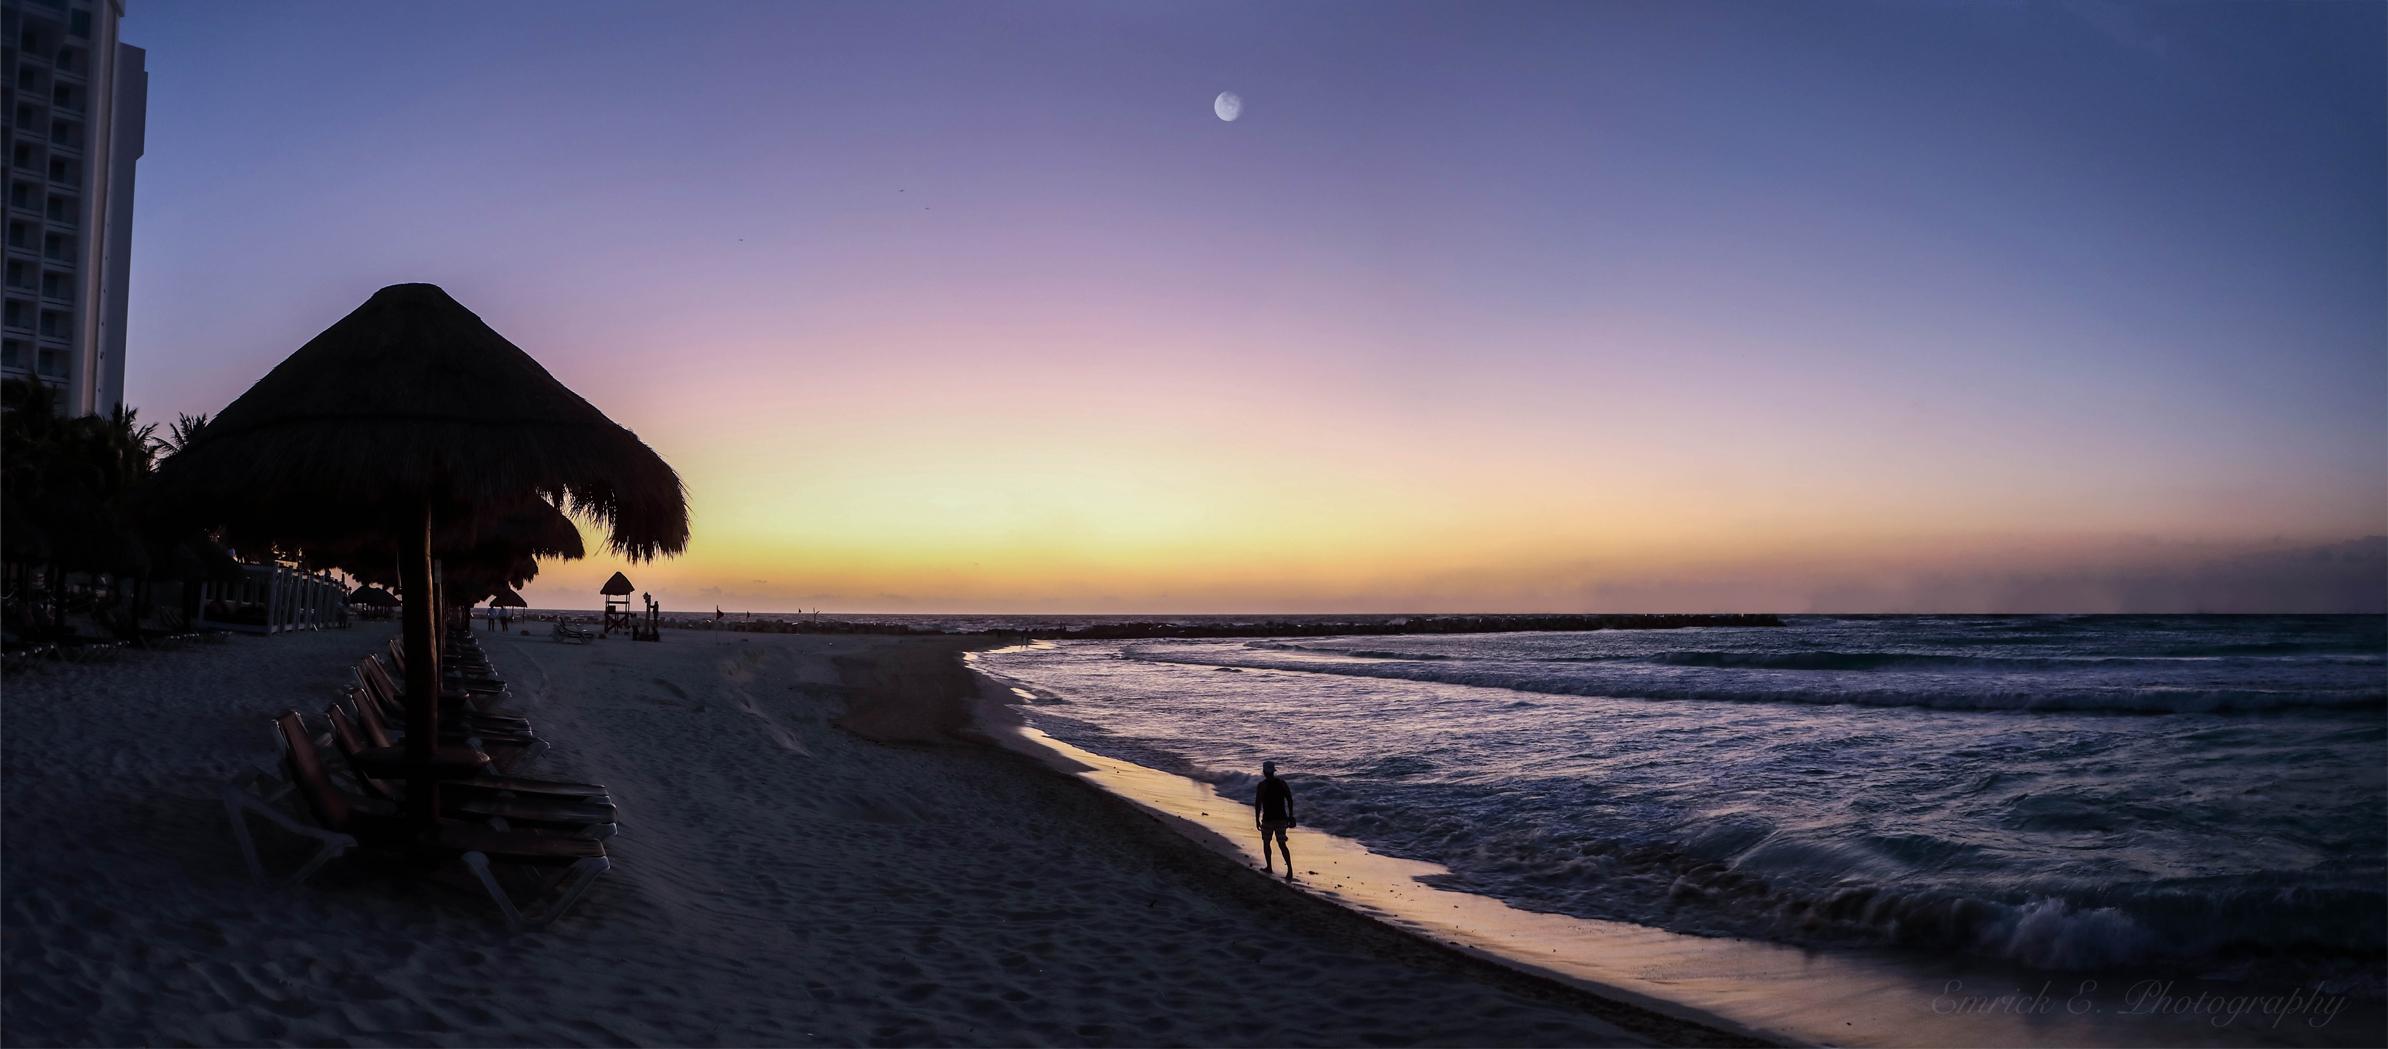 emrick_elias_01_2019_cancun_Panorama_2